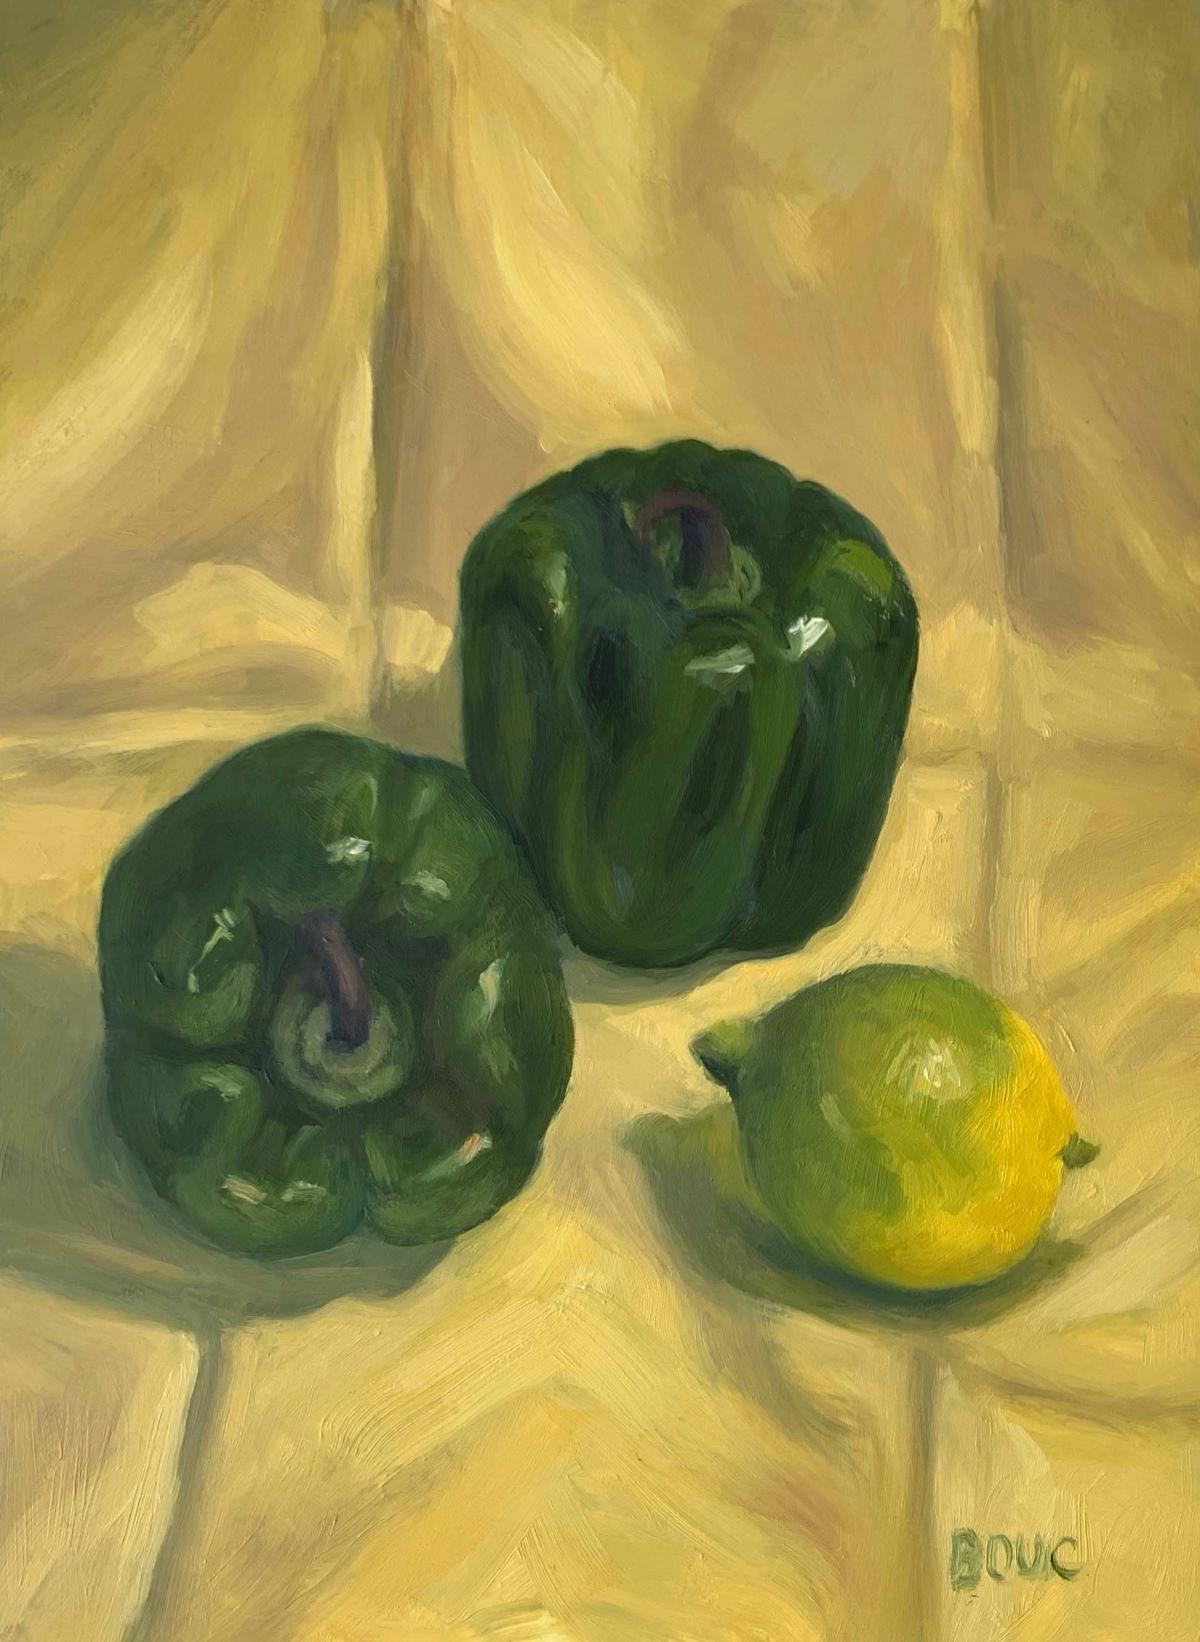 Green pepper and lemon still life